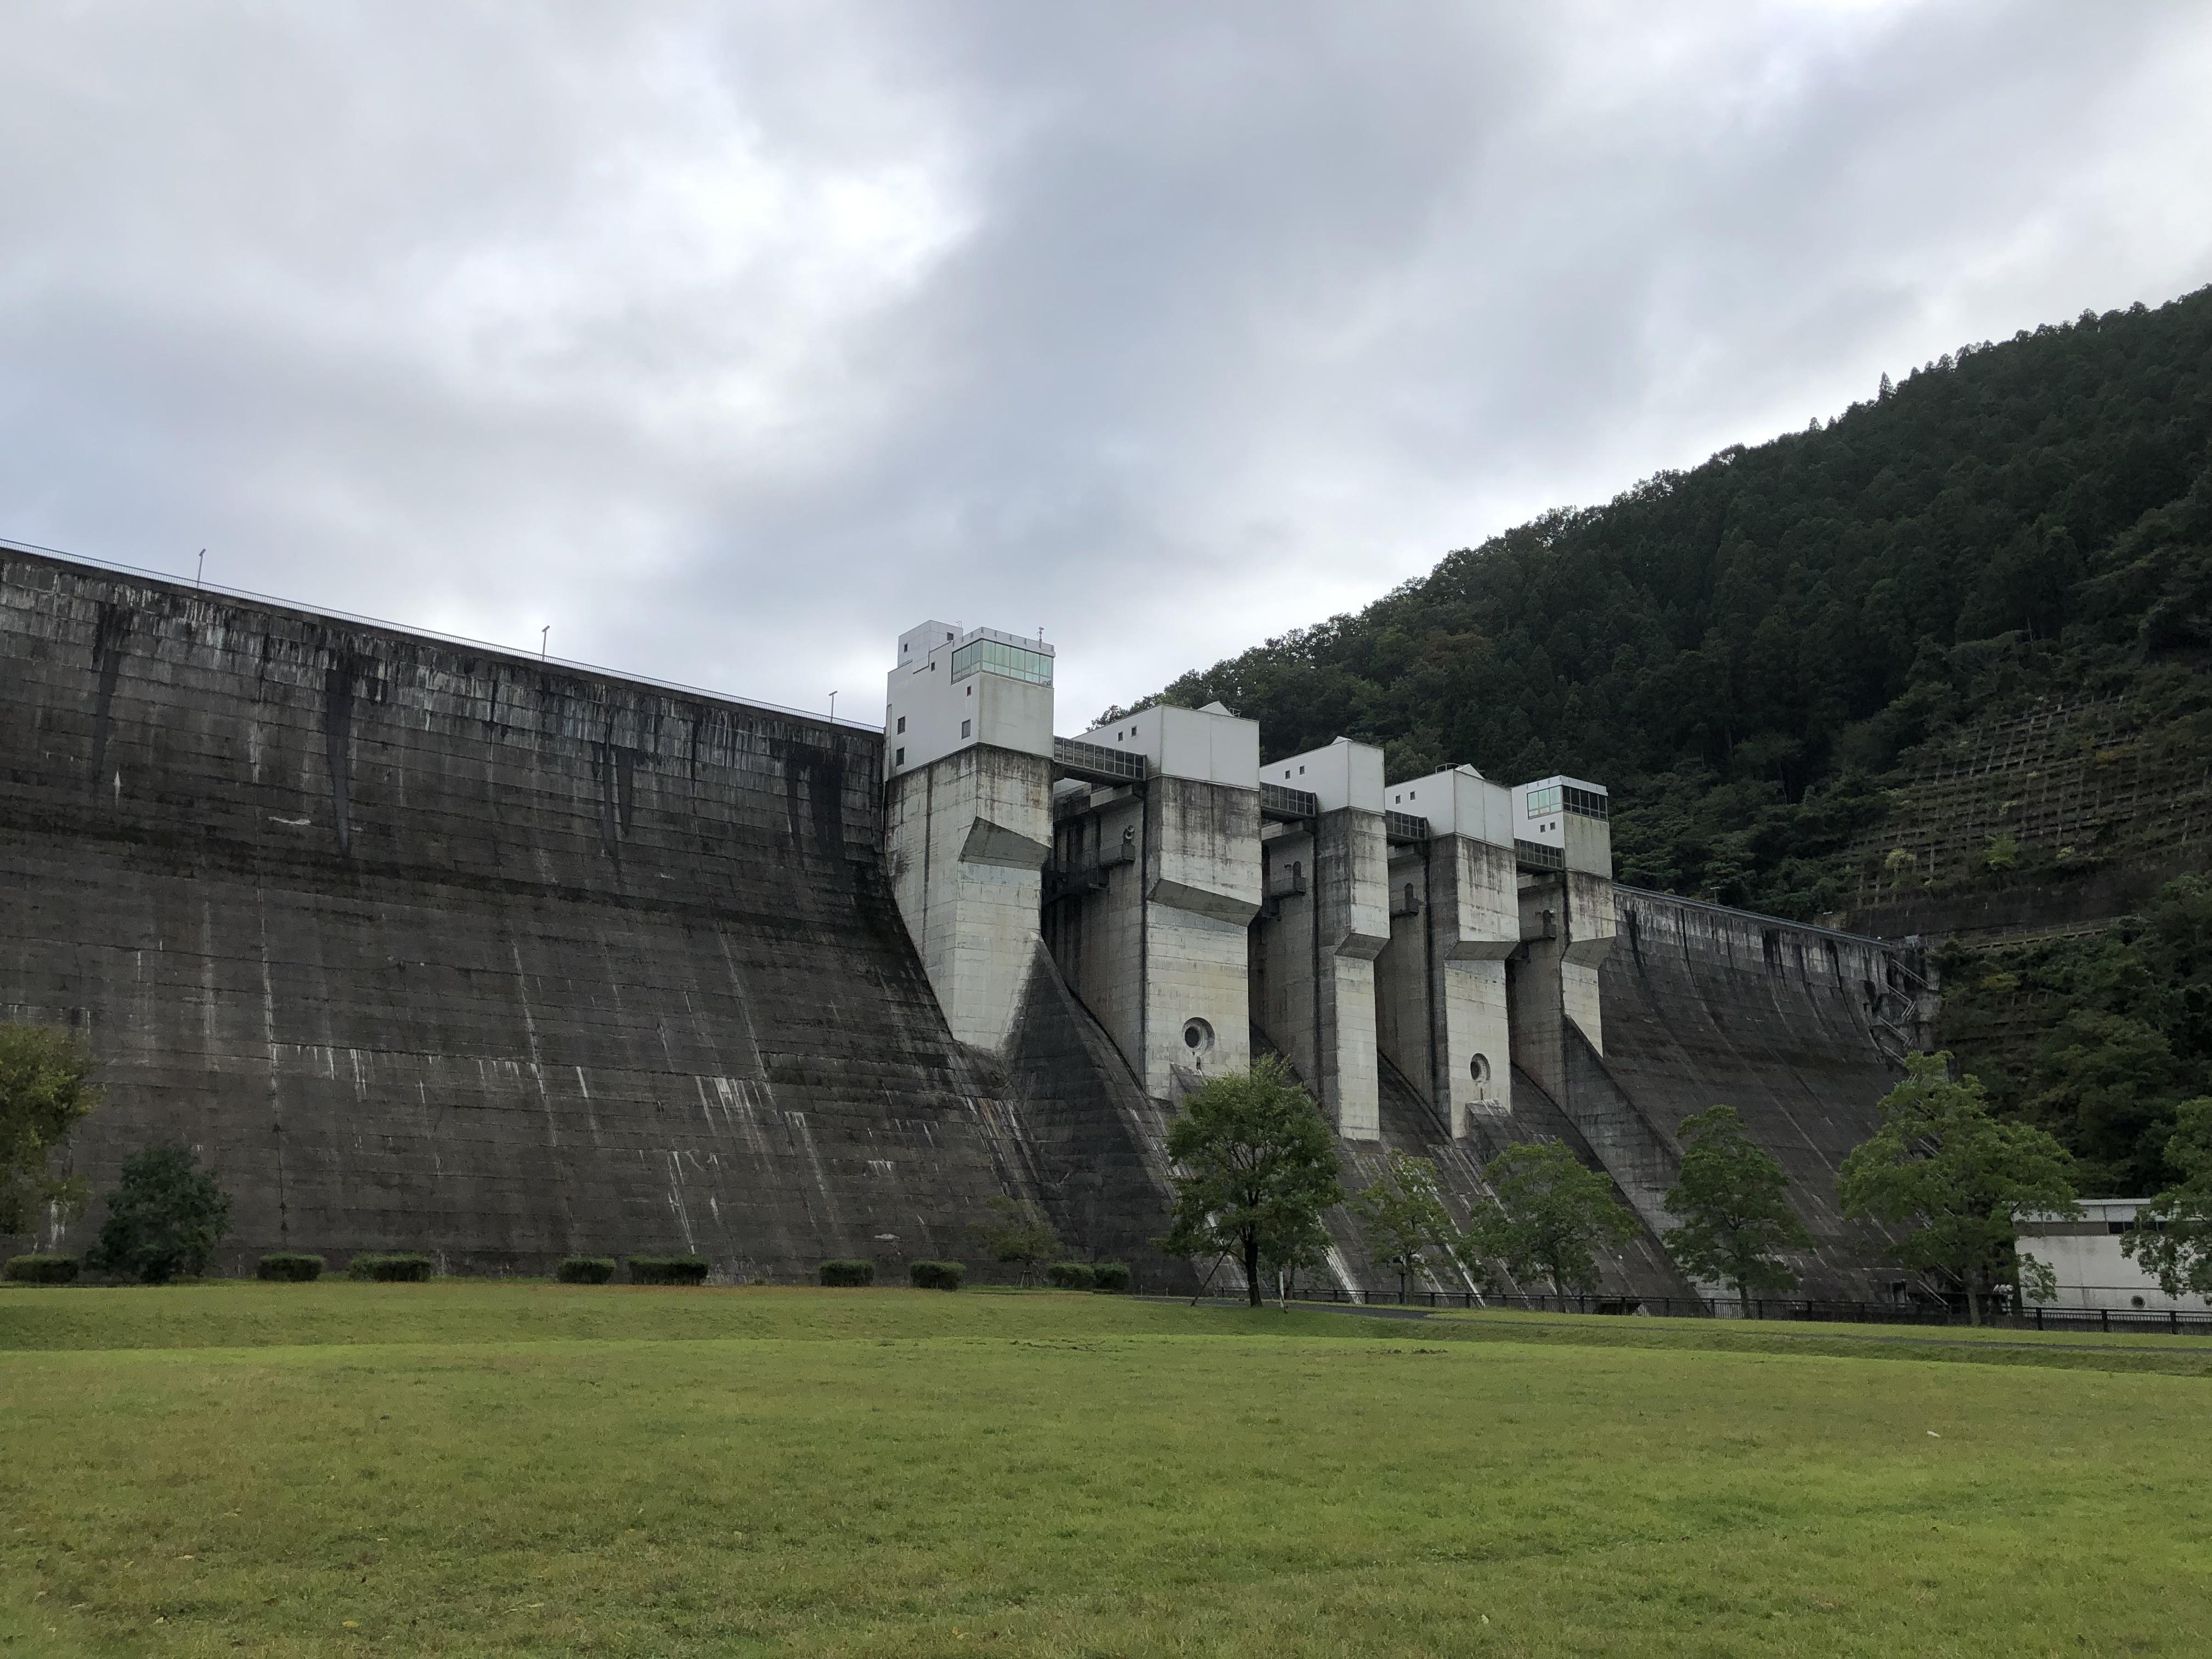 京都ダム巡り ツーリング 日吉ダム まるで要塞